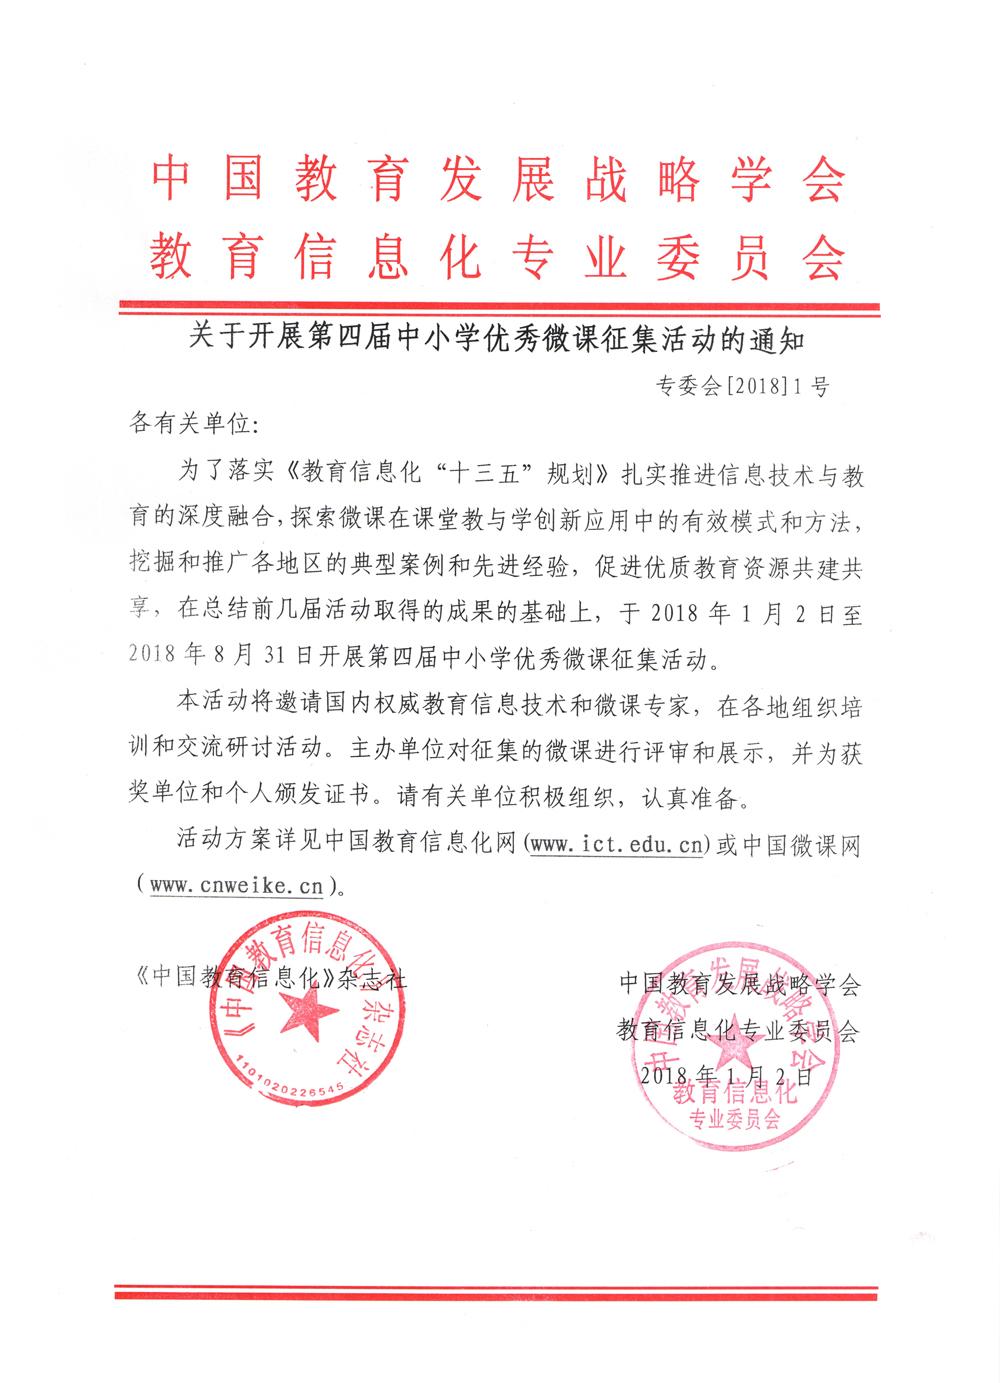 中国微课大赛文件